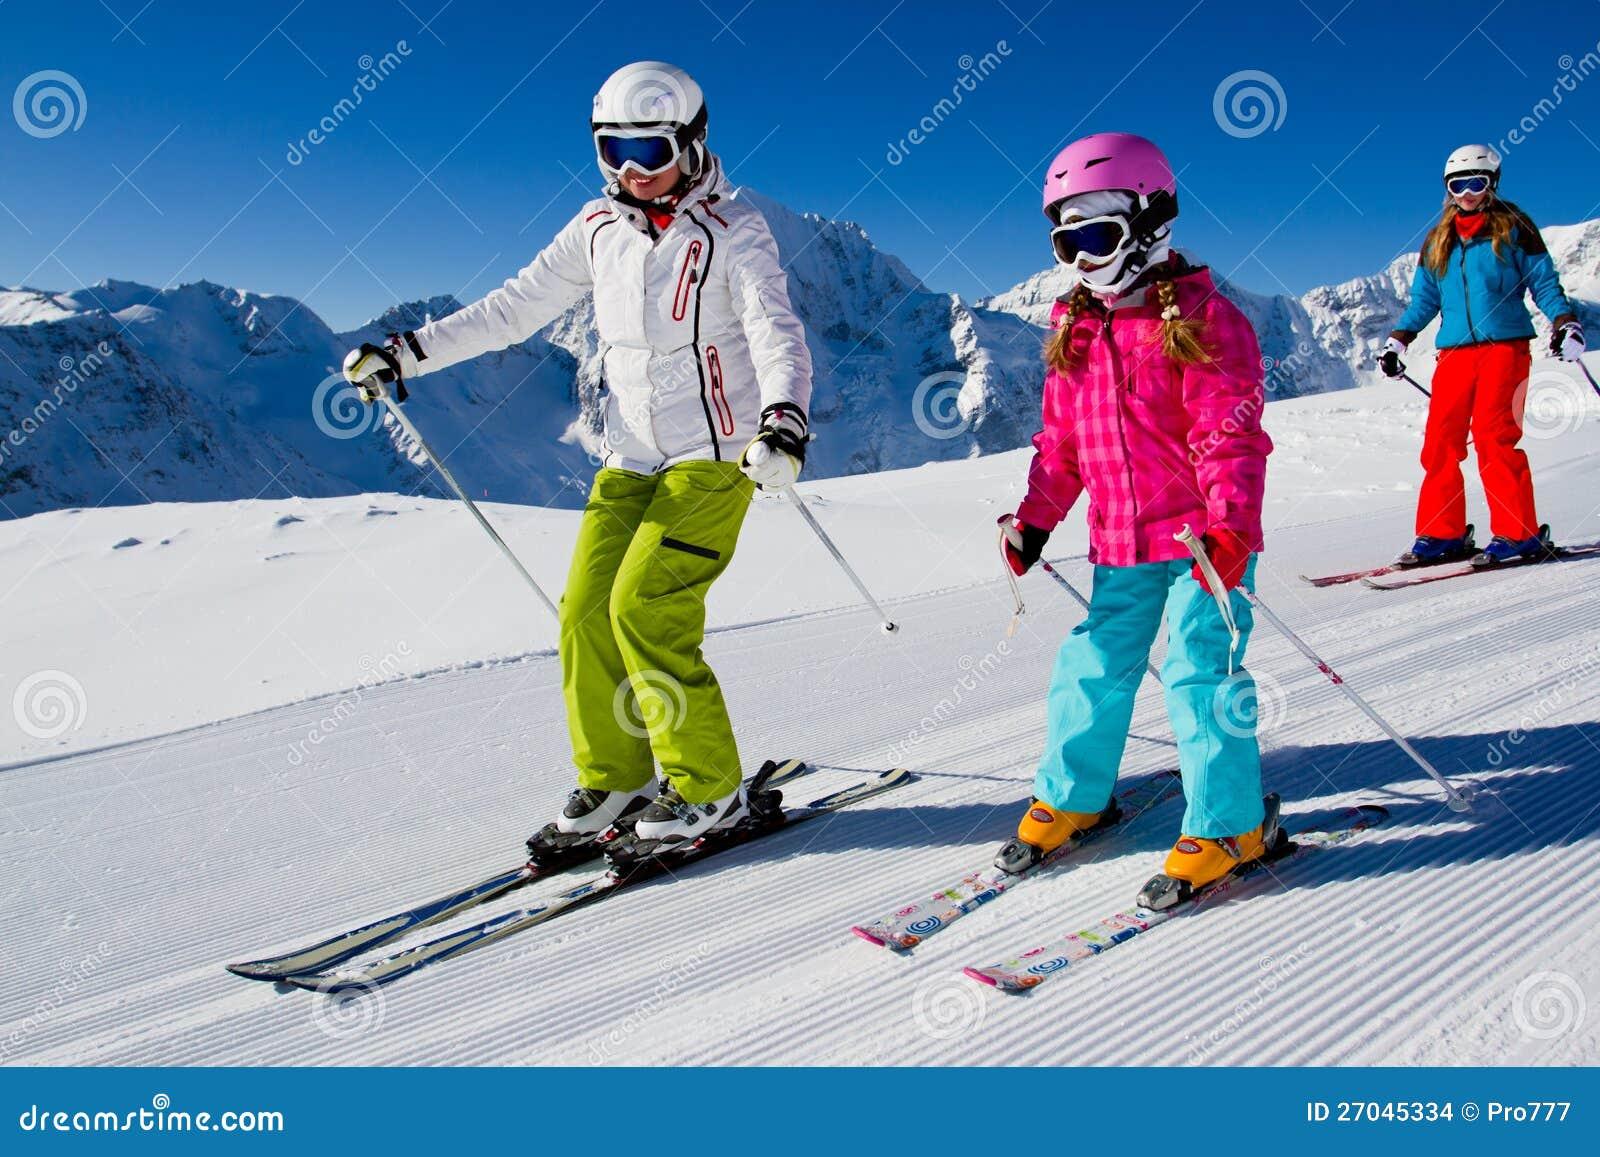 Катание на лыжах, урок лыжи